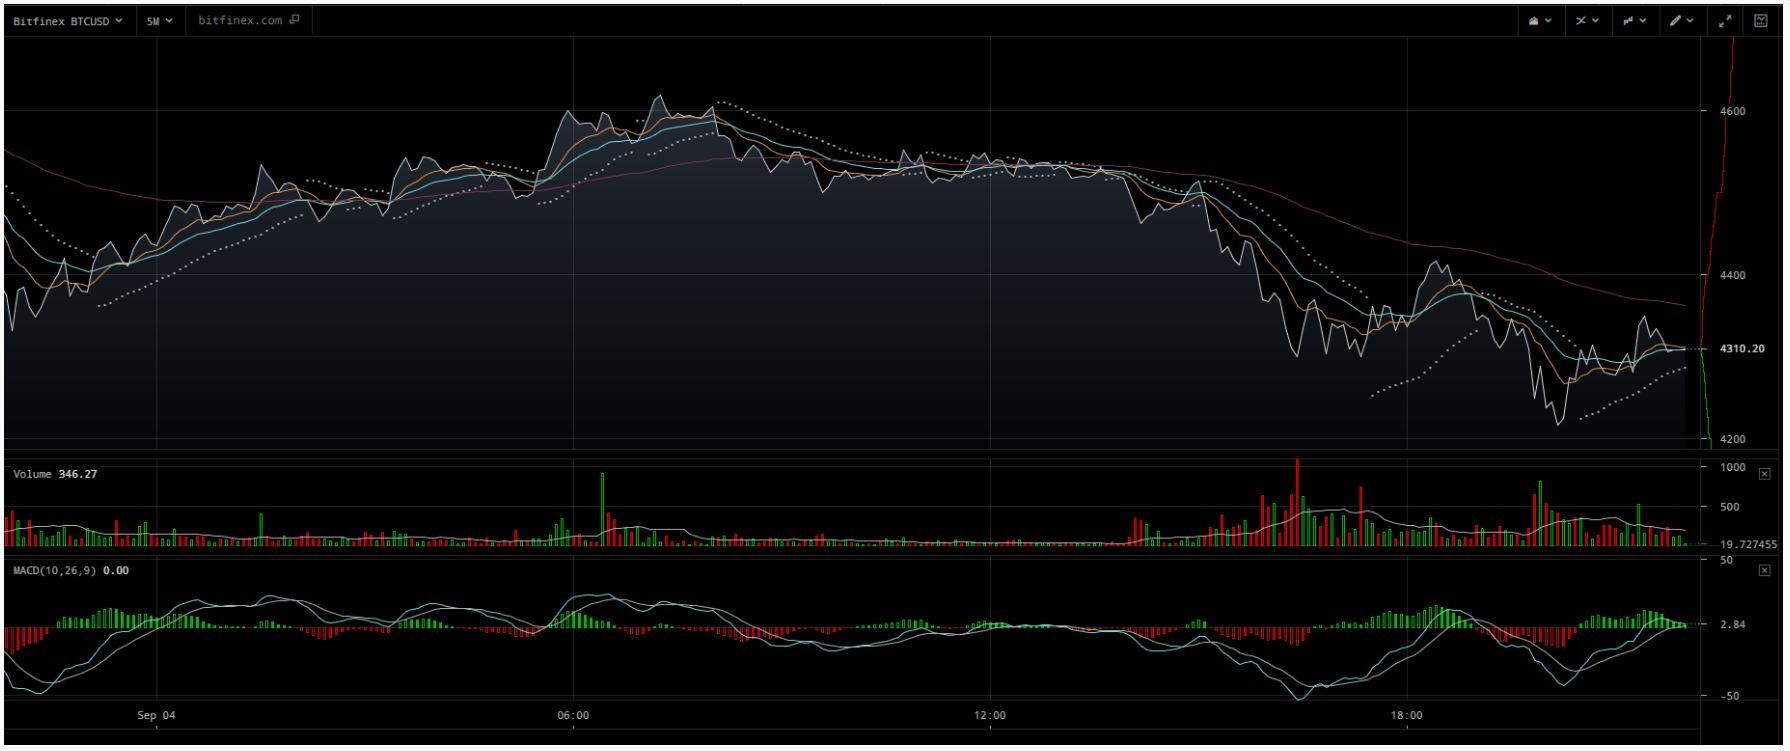 giá bitcoin giảm 2 - traderviet.